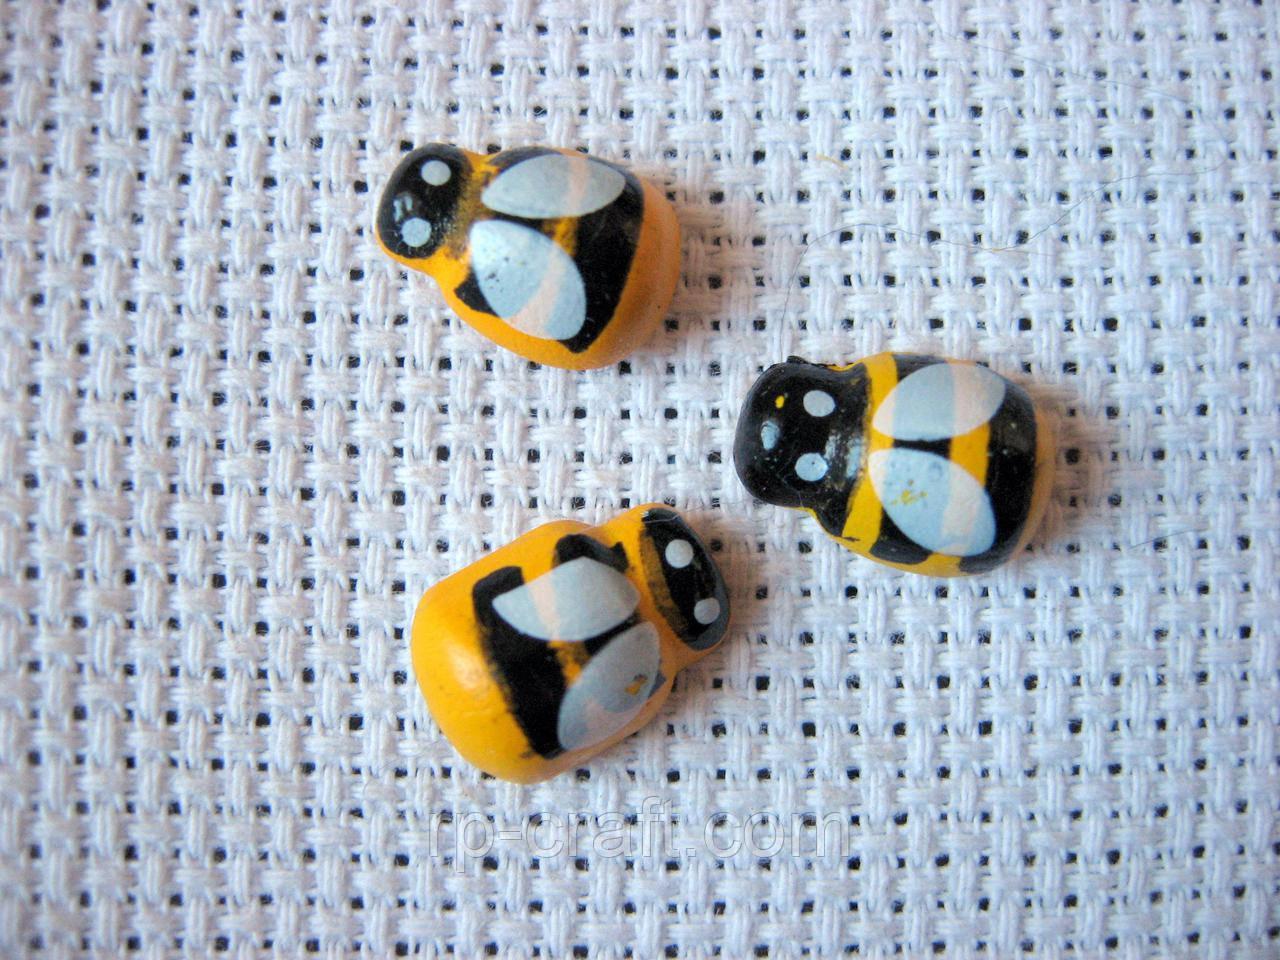 Декор для бантів і скрапу. Бджола на липучці, 9х12 мм